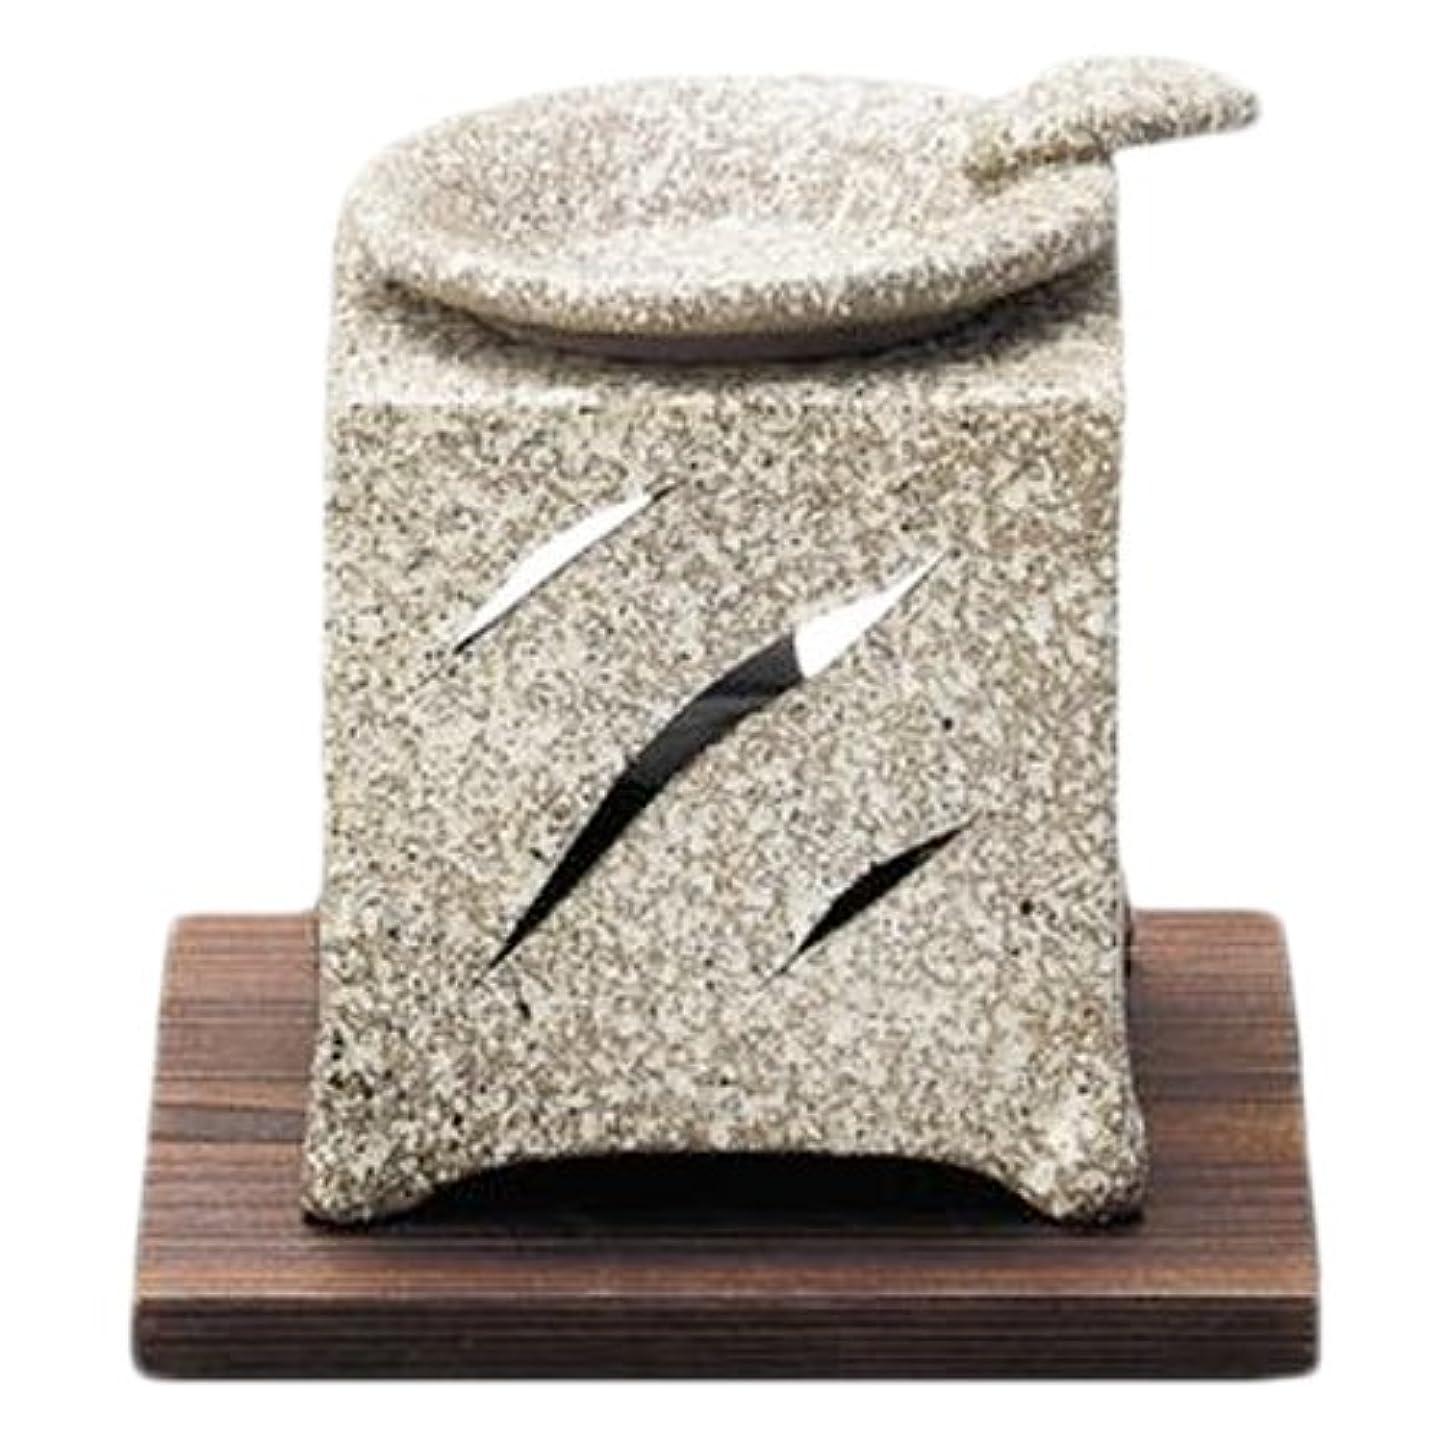 納税者時々タイトル常滑焼5-261山房 石風角形茶香炉 AM-T1054